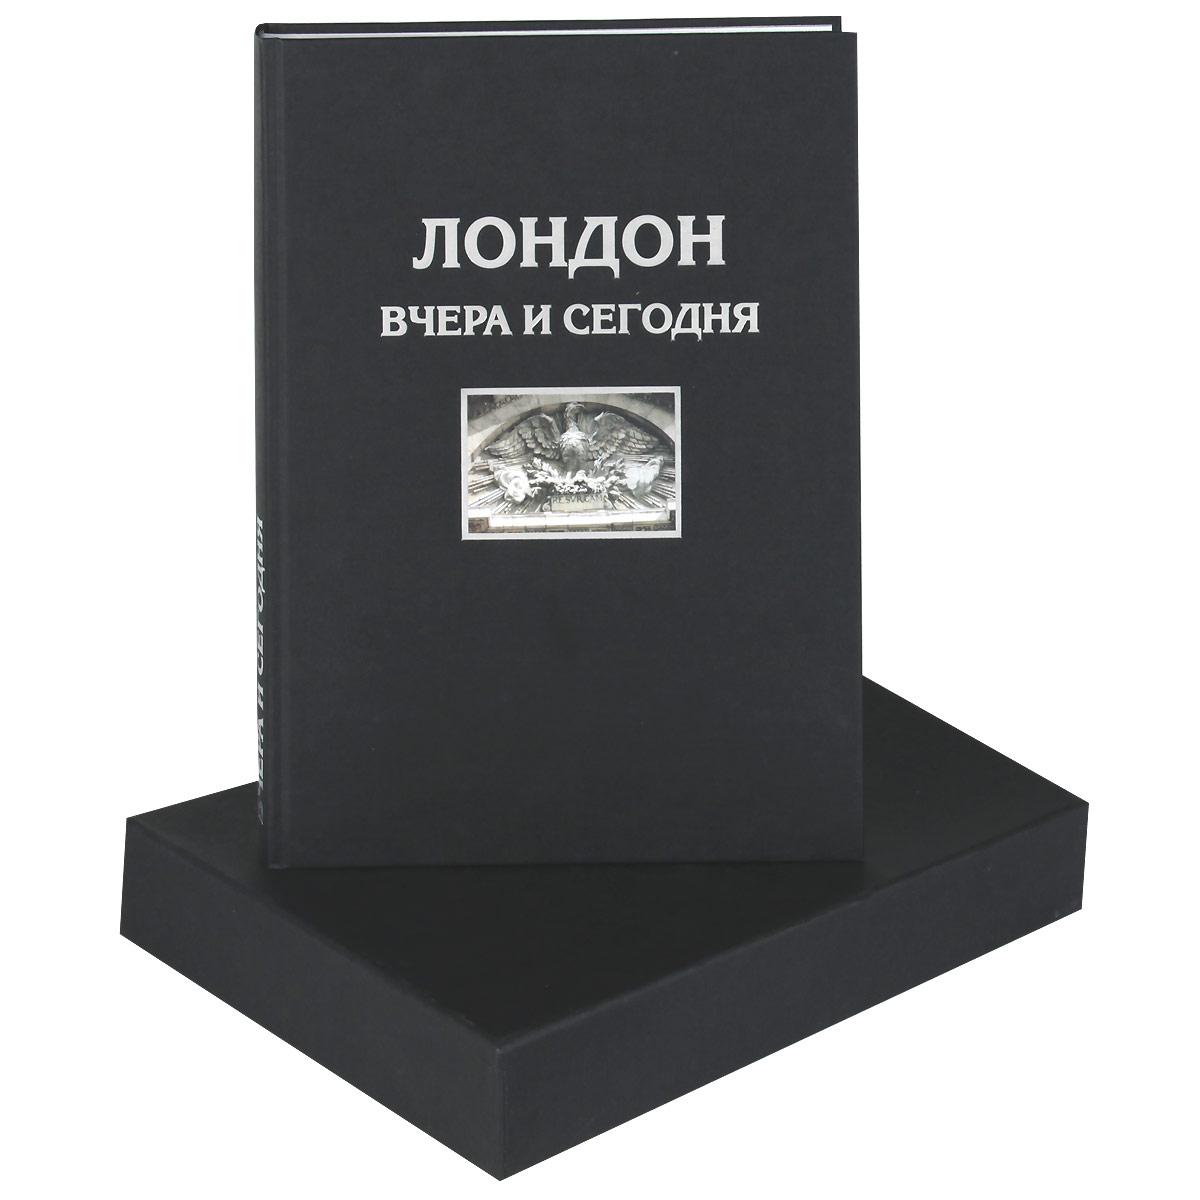 9780955254451 - В. Катамидзе, Н. Юдин: Лондон вчера и сегодня (подарочное издание) - Книга